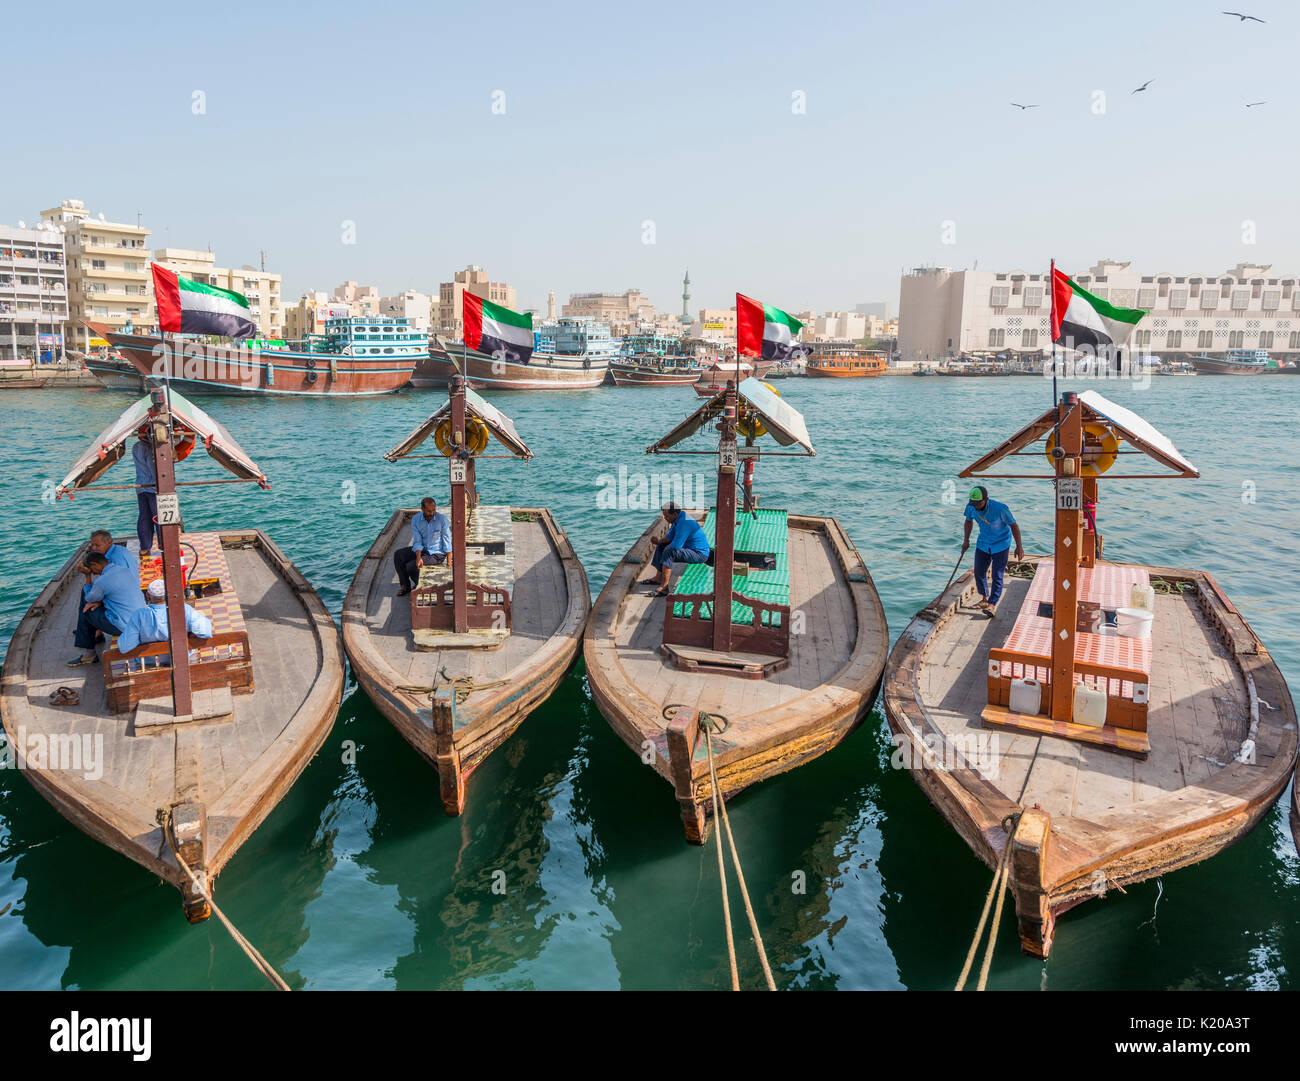 Kleine traditionelle Schiffe auf dem Creek, Dubai, Vereinigte Arabische Emirate Stockbild